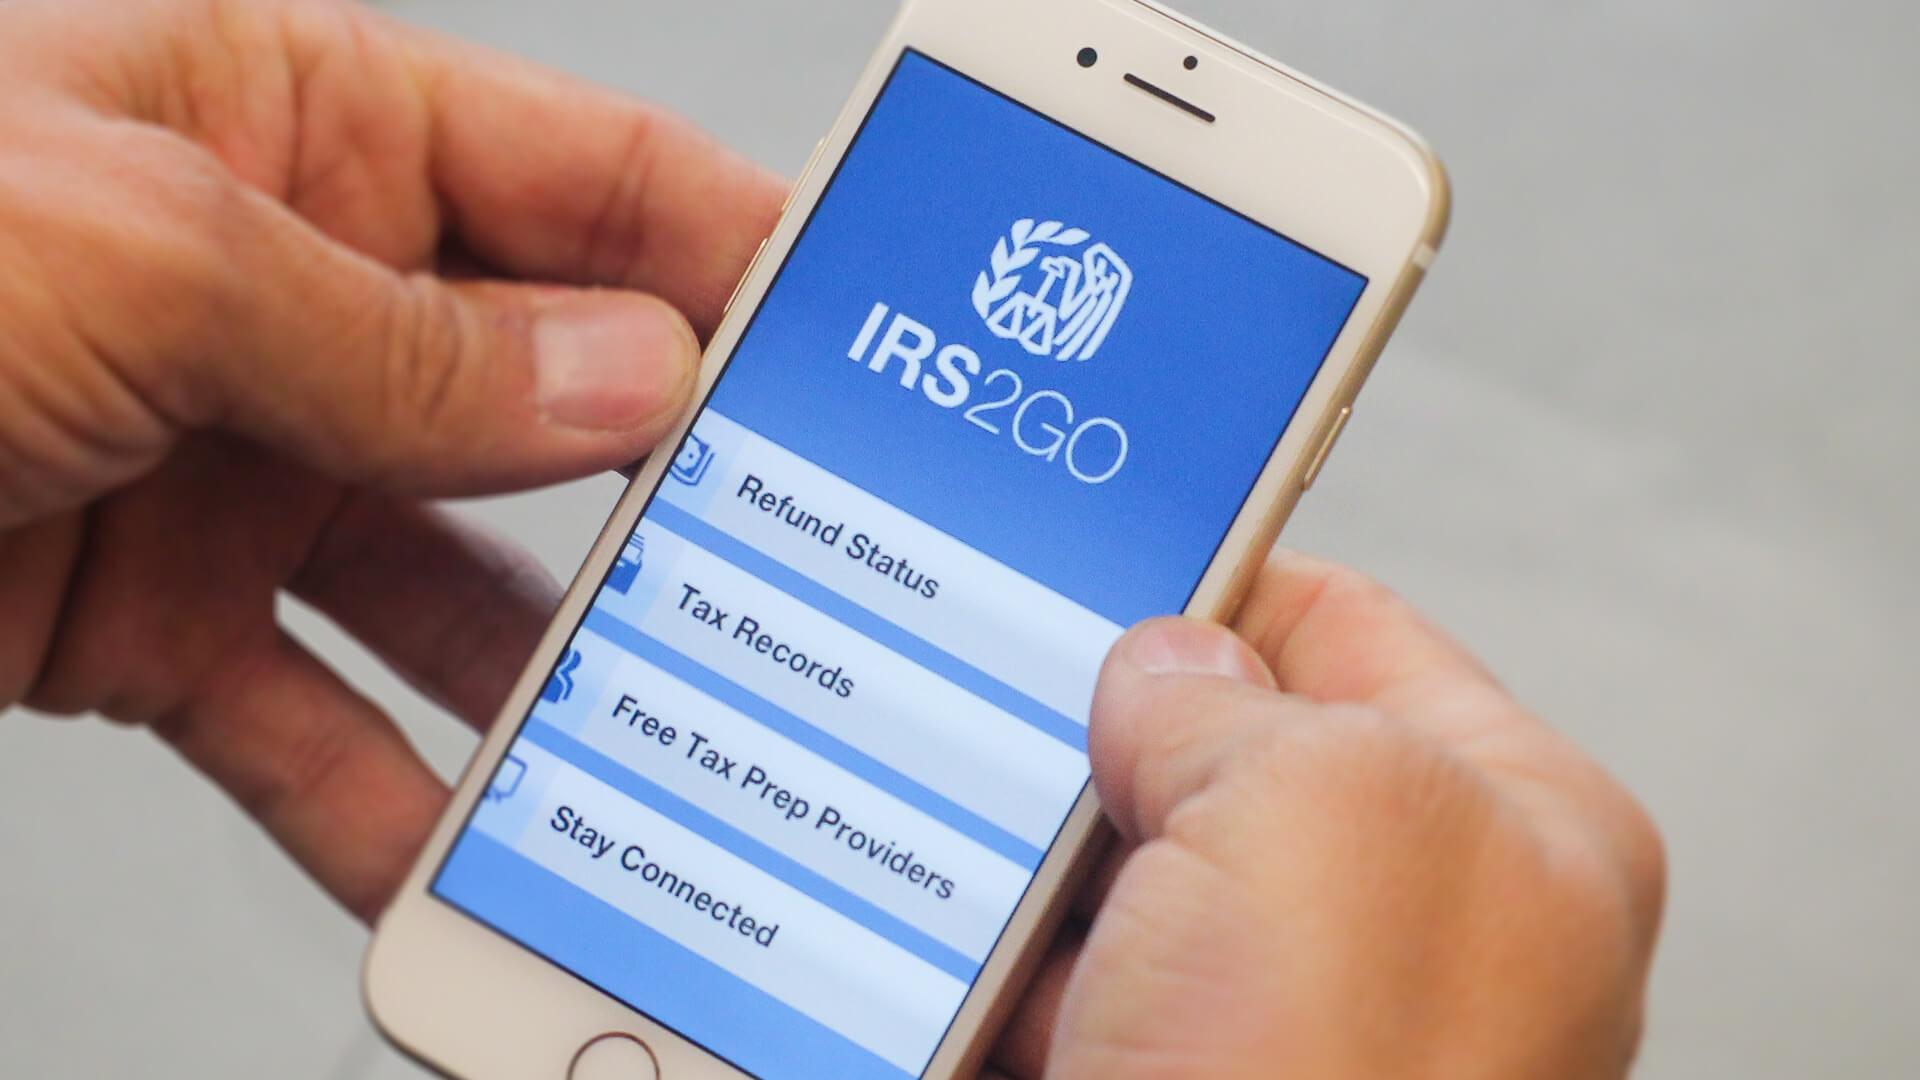 irs2go app iphone